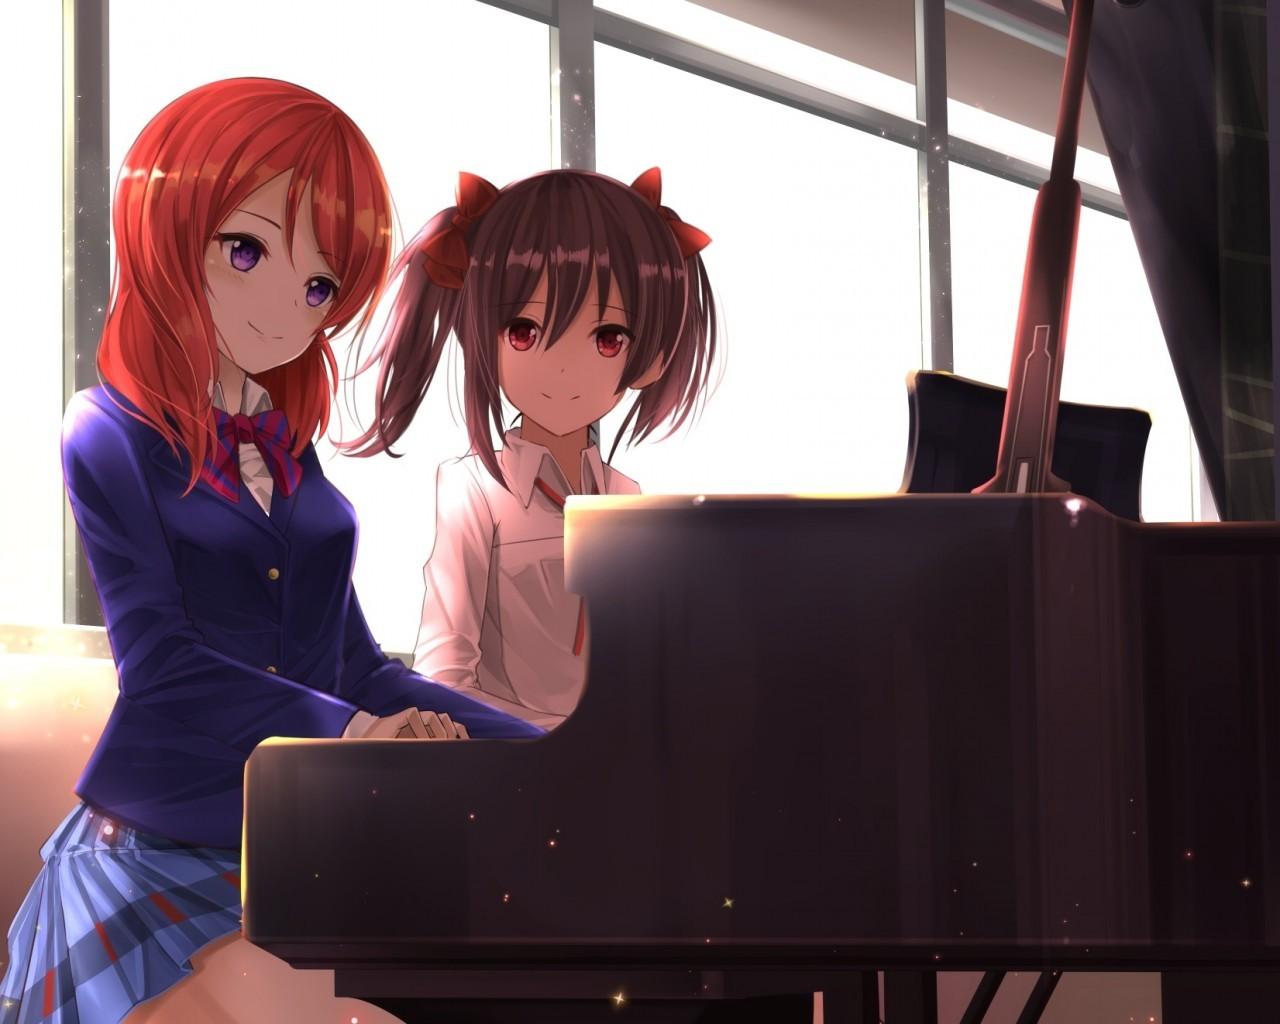 Nishikino Maki, Yazawa Nico, Love Live, Piano, Instrument, - Nishikino Maki And Yazawa Nico - HD Wallpaper